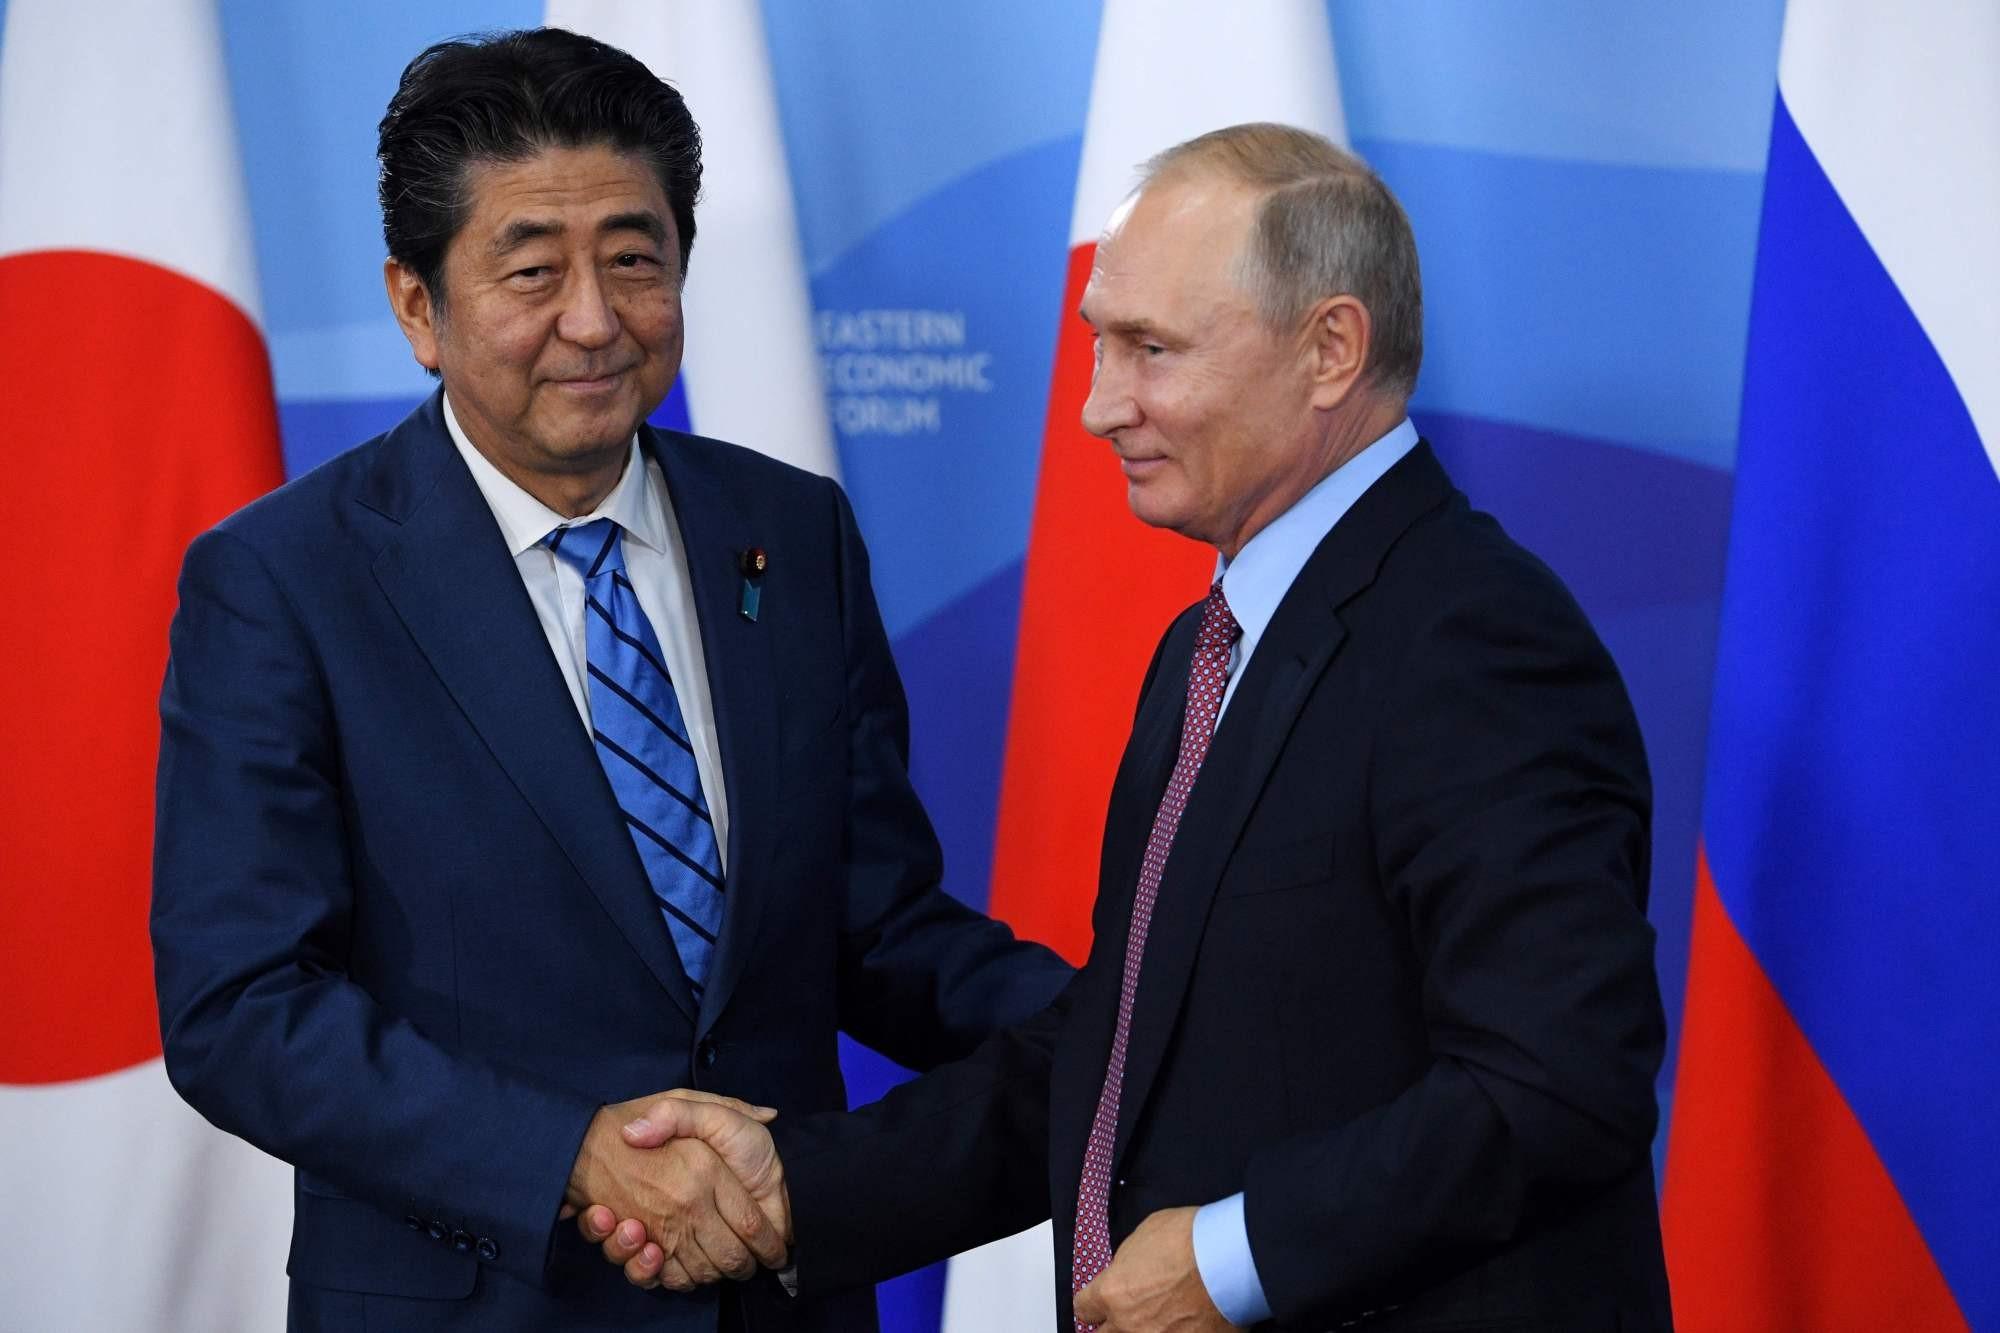 Abe, Putin